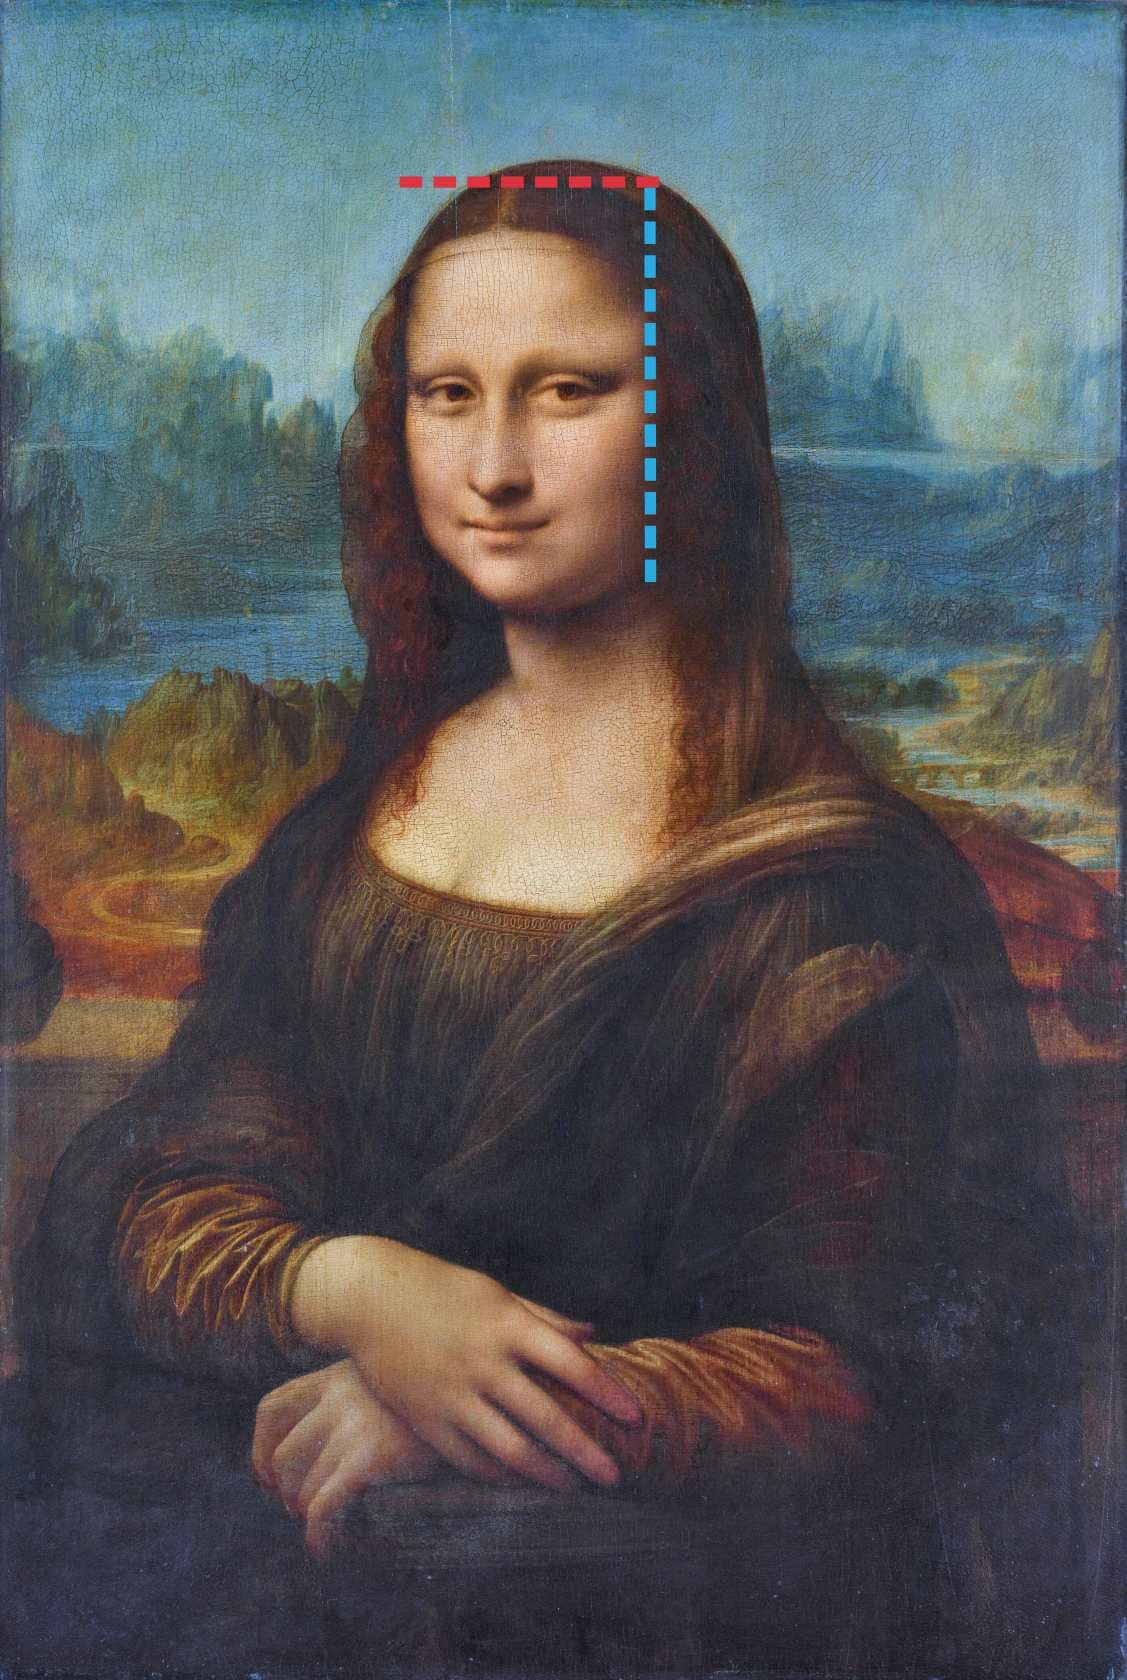 モナリザの絵